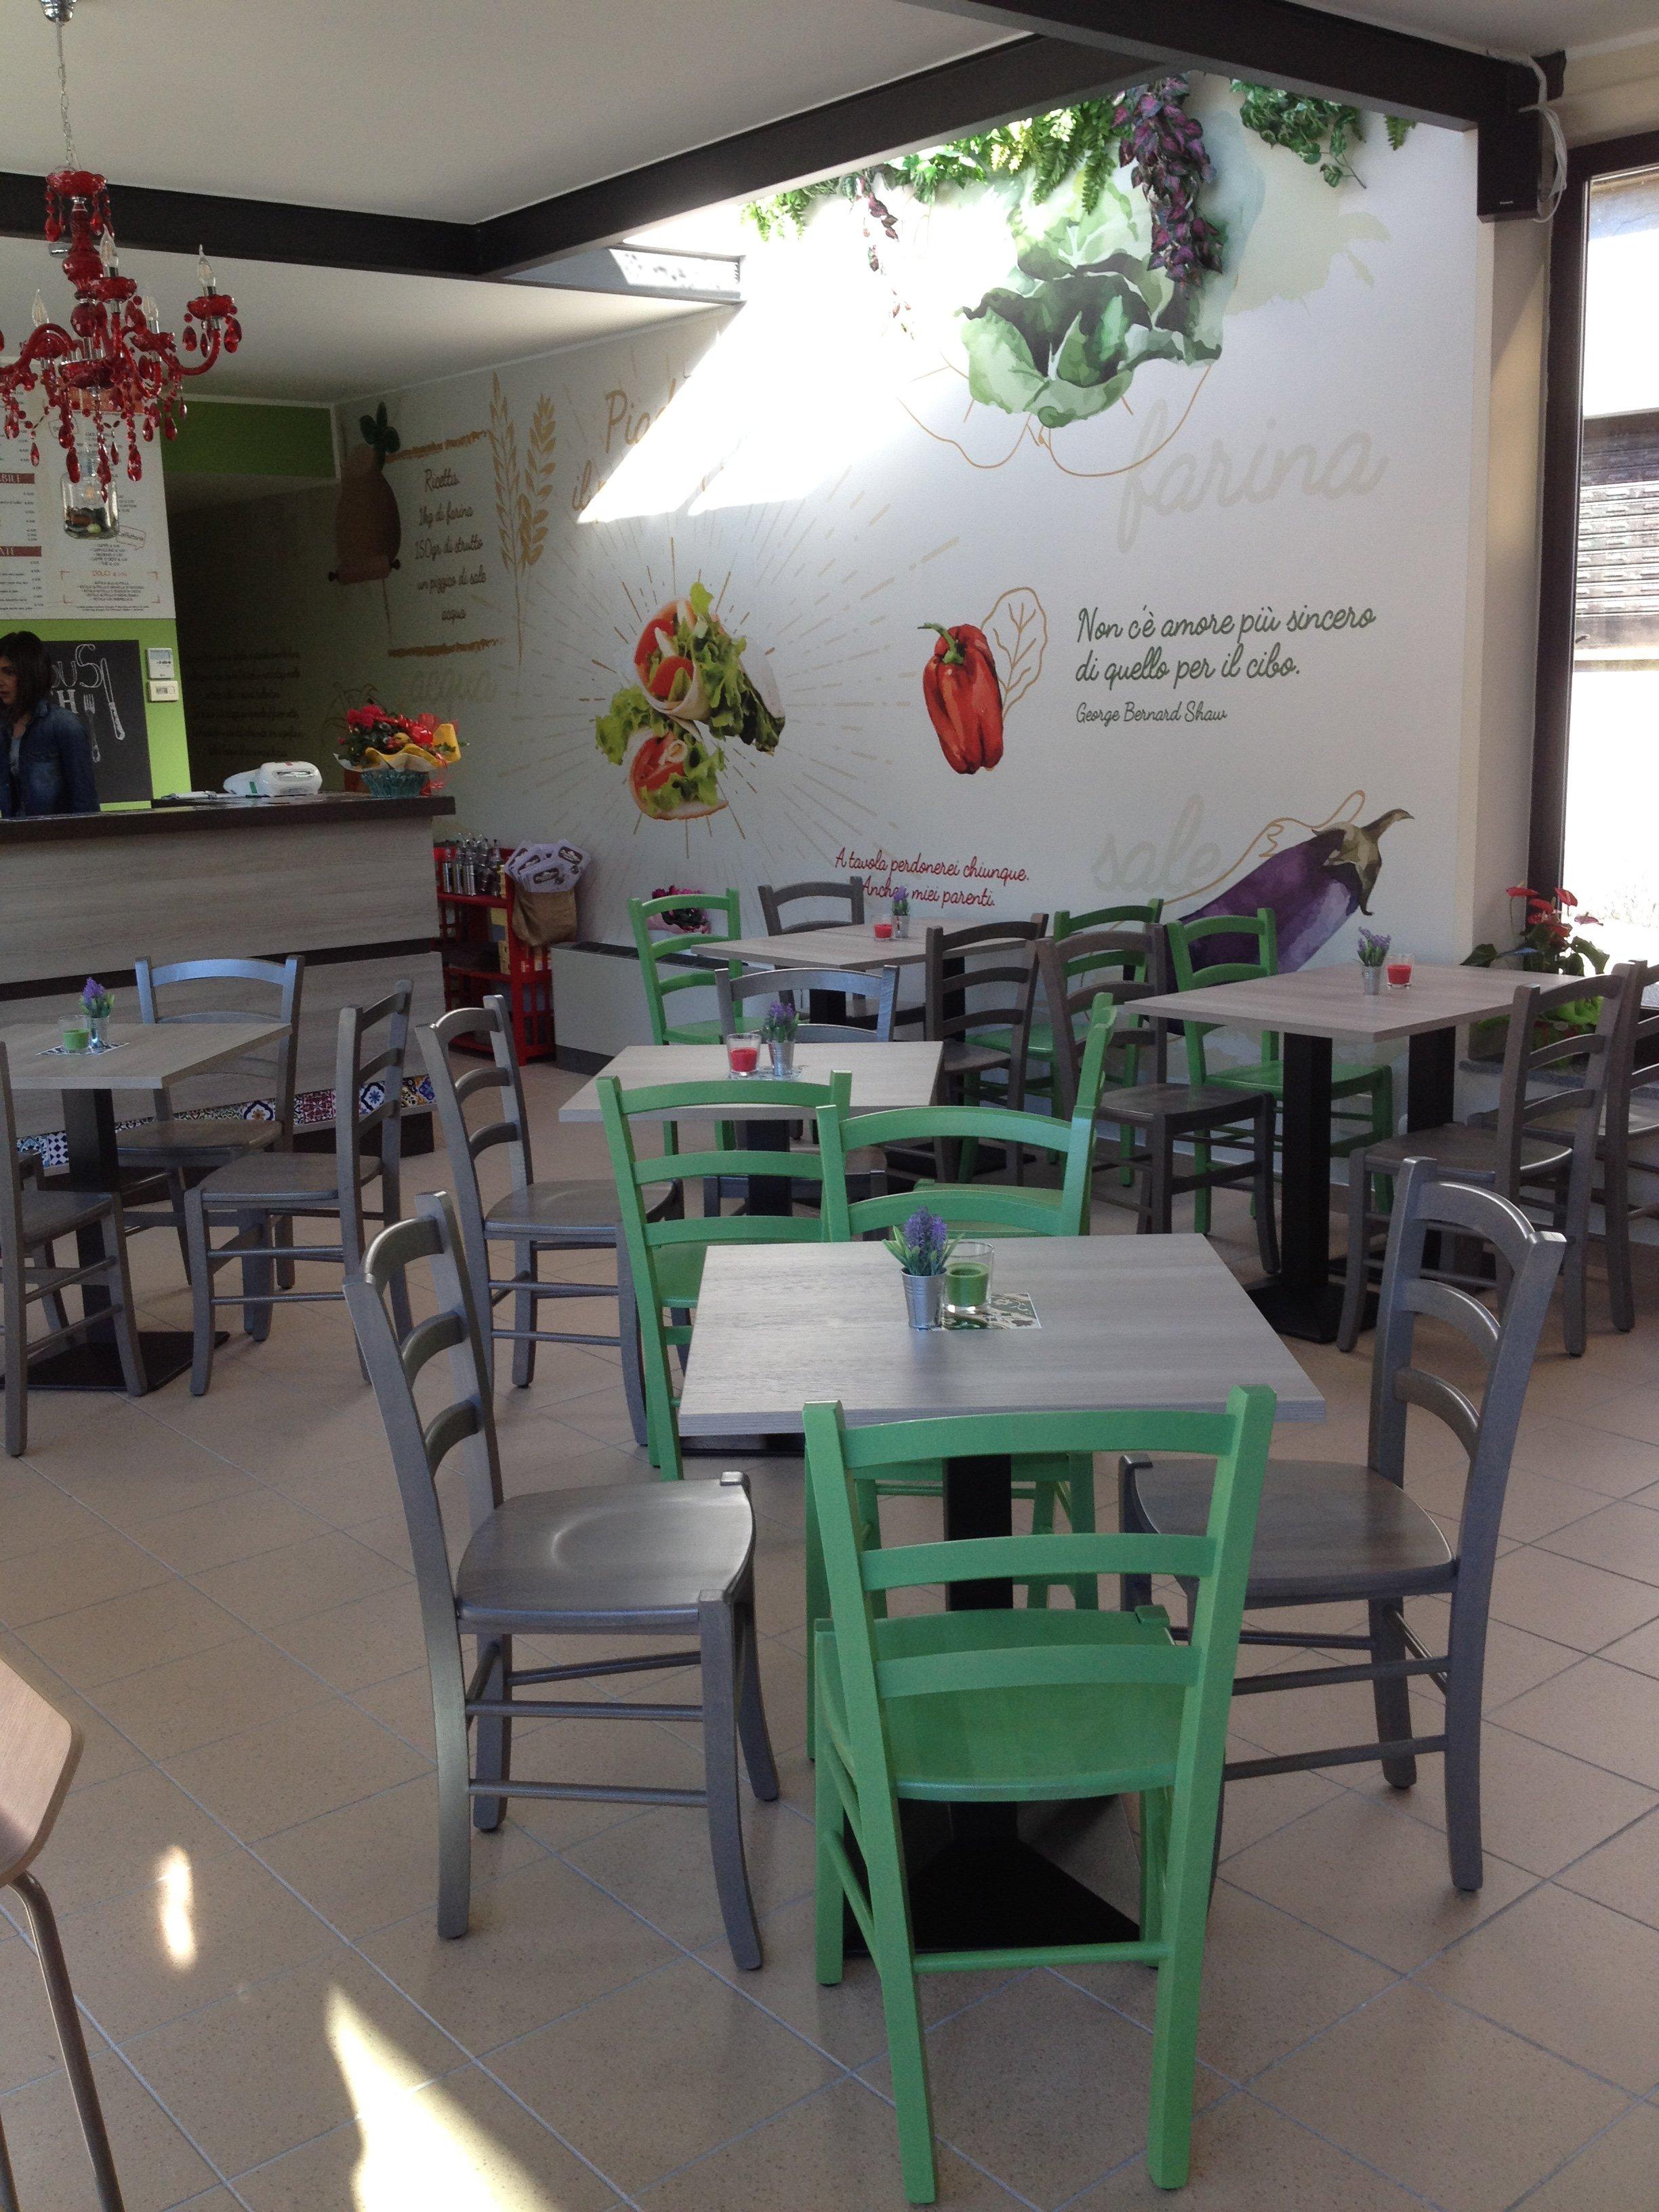 Interno del locale con tavolini